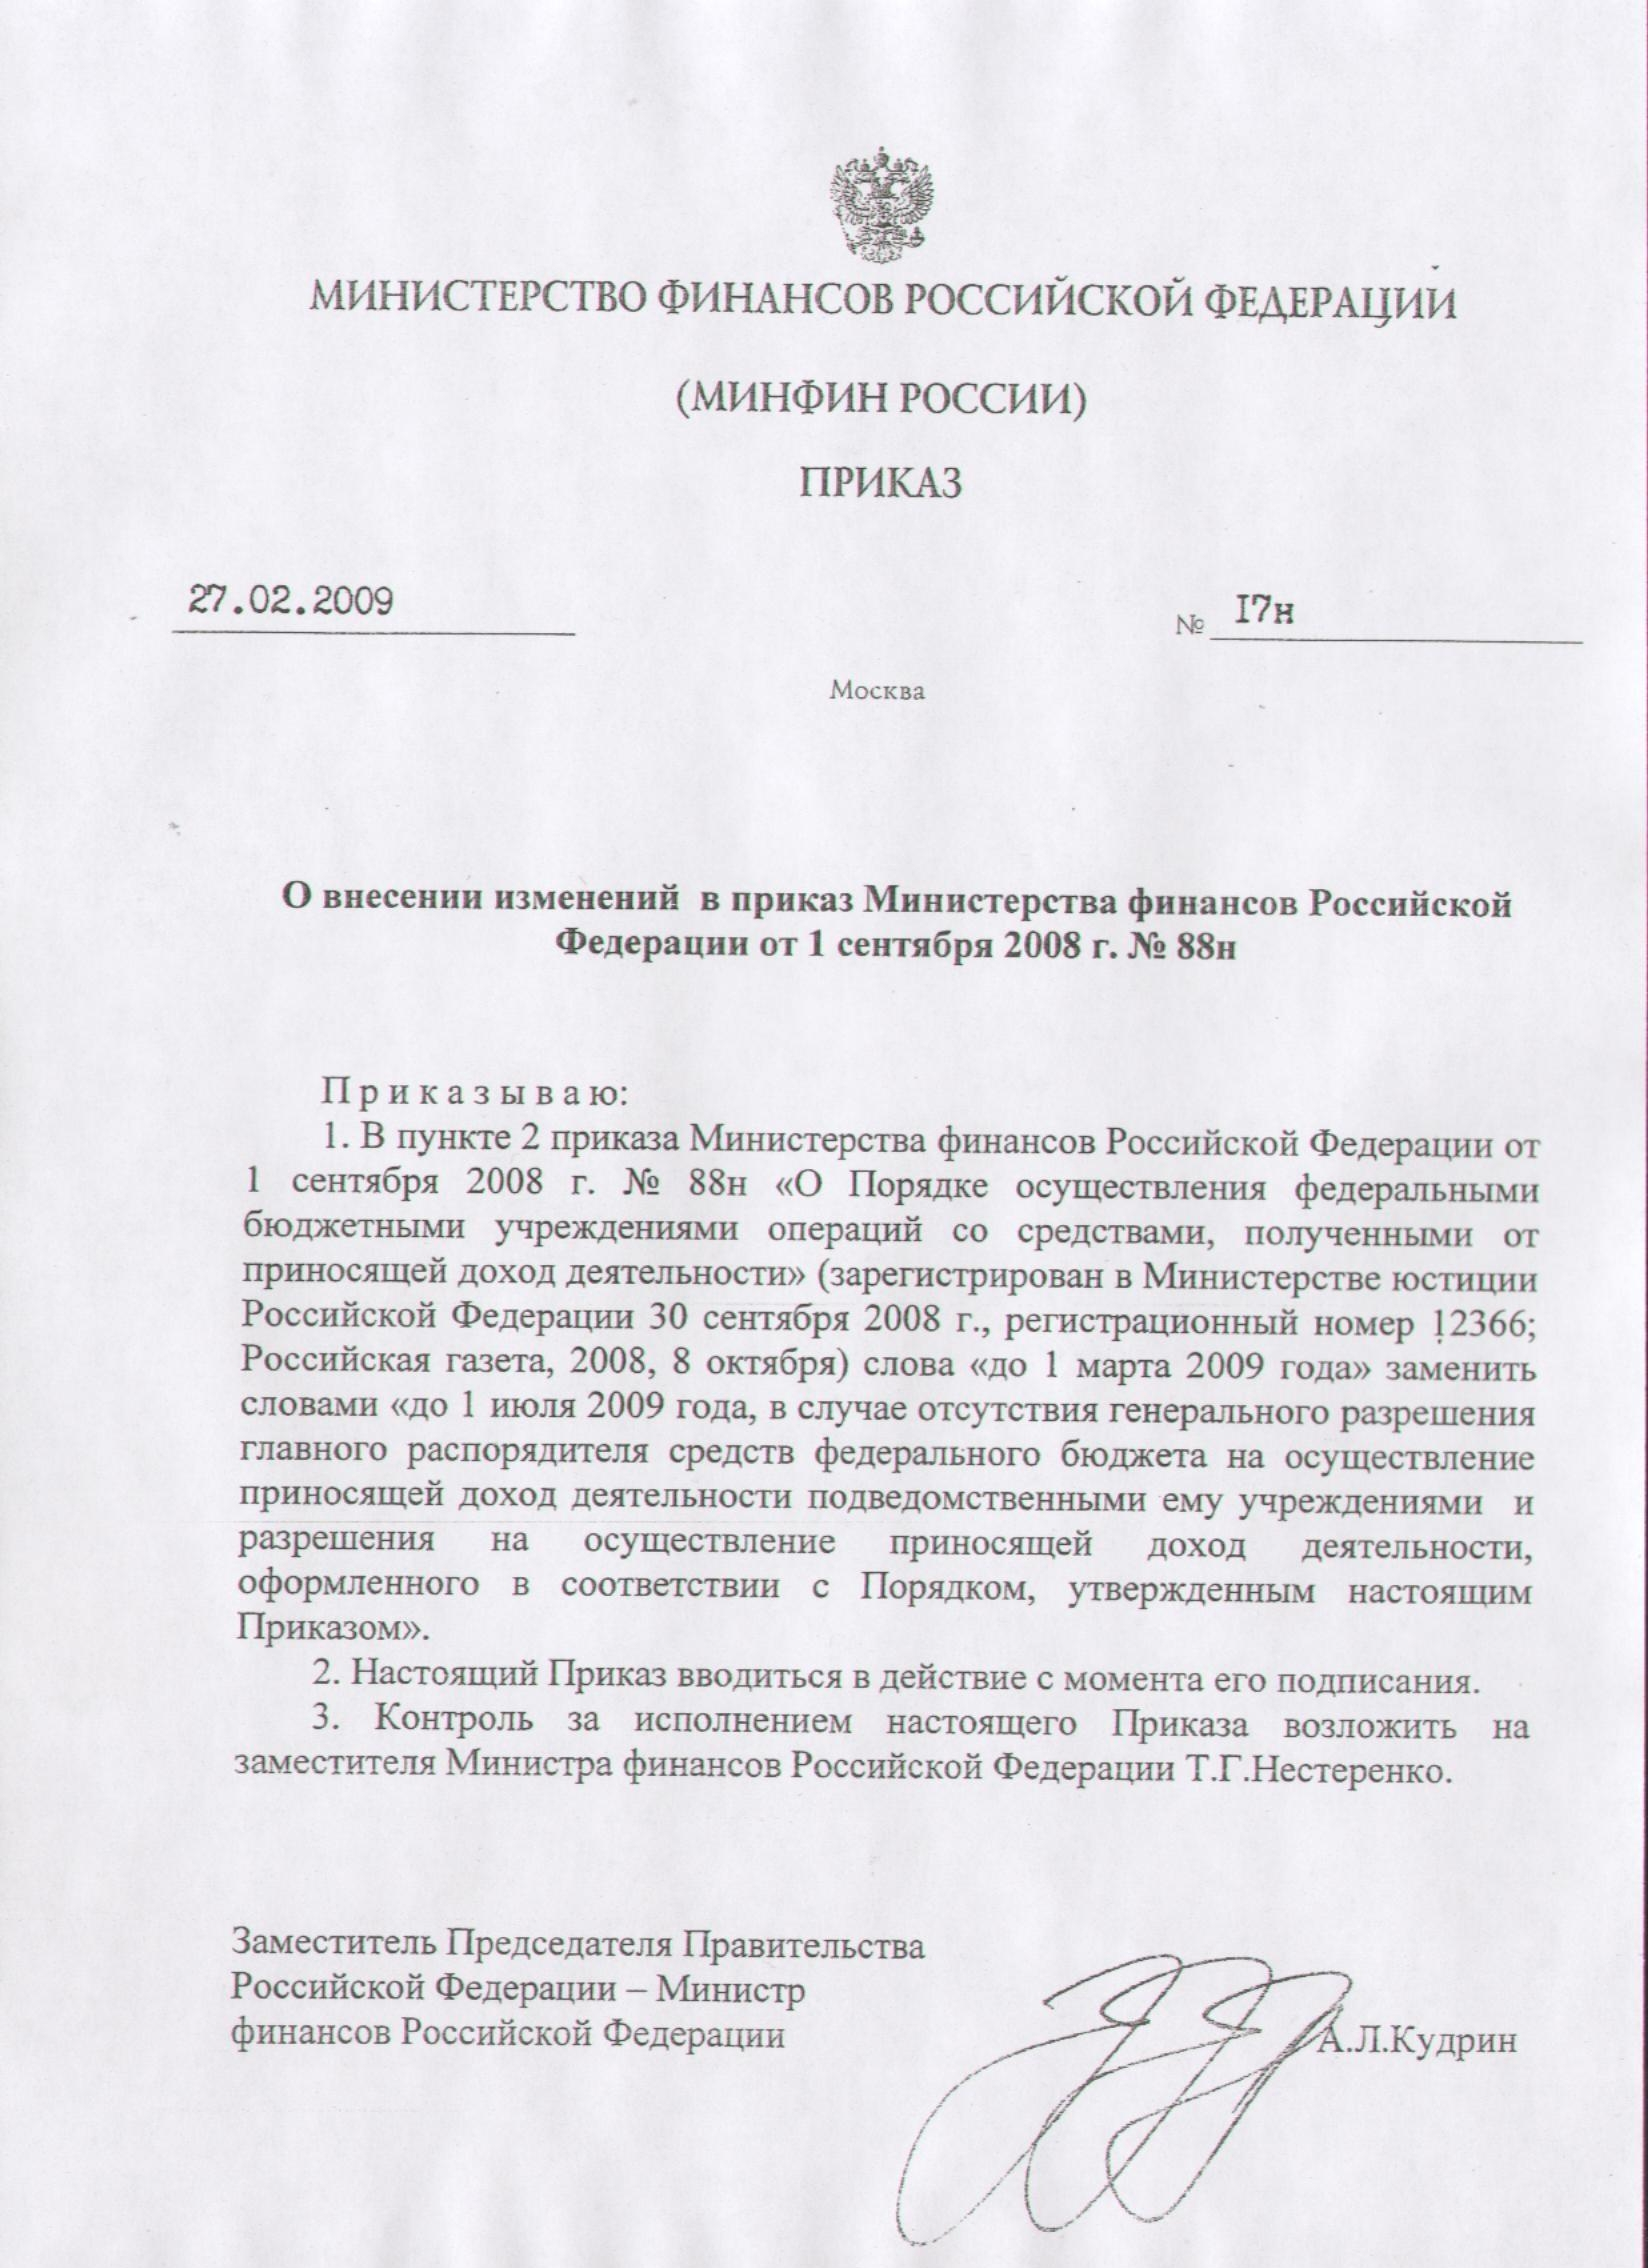 О внесении изменений в распоряжение губернатора санкт-петербурга от 24021999 n 184-р (утратило силу с